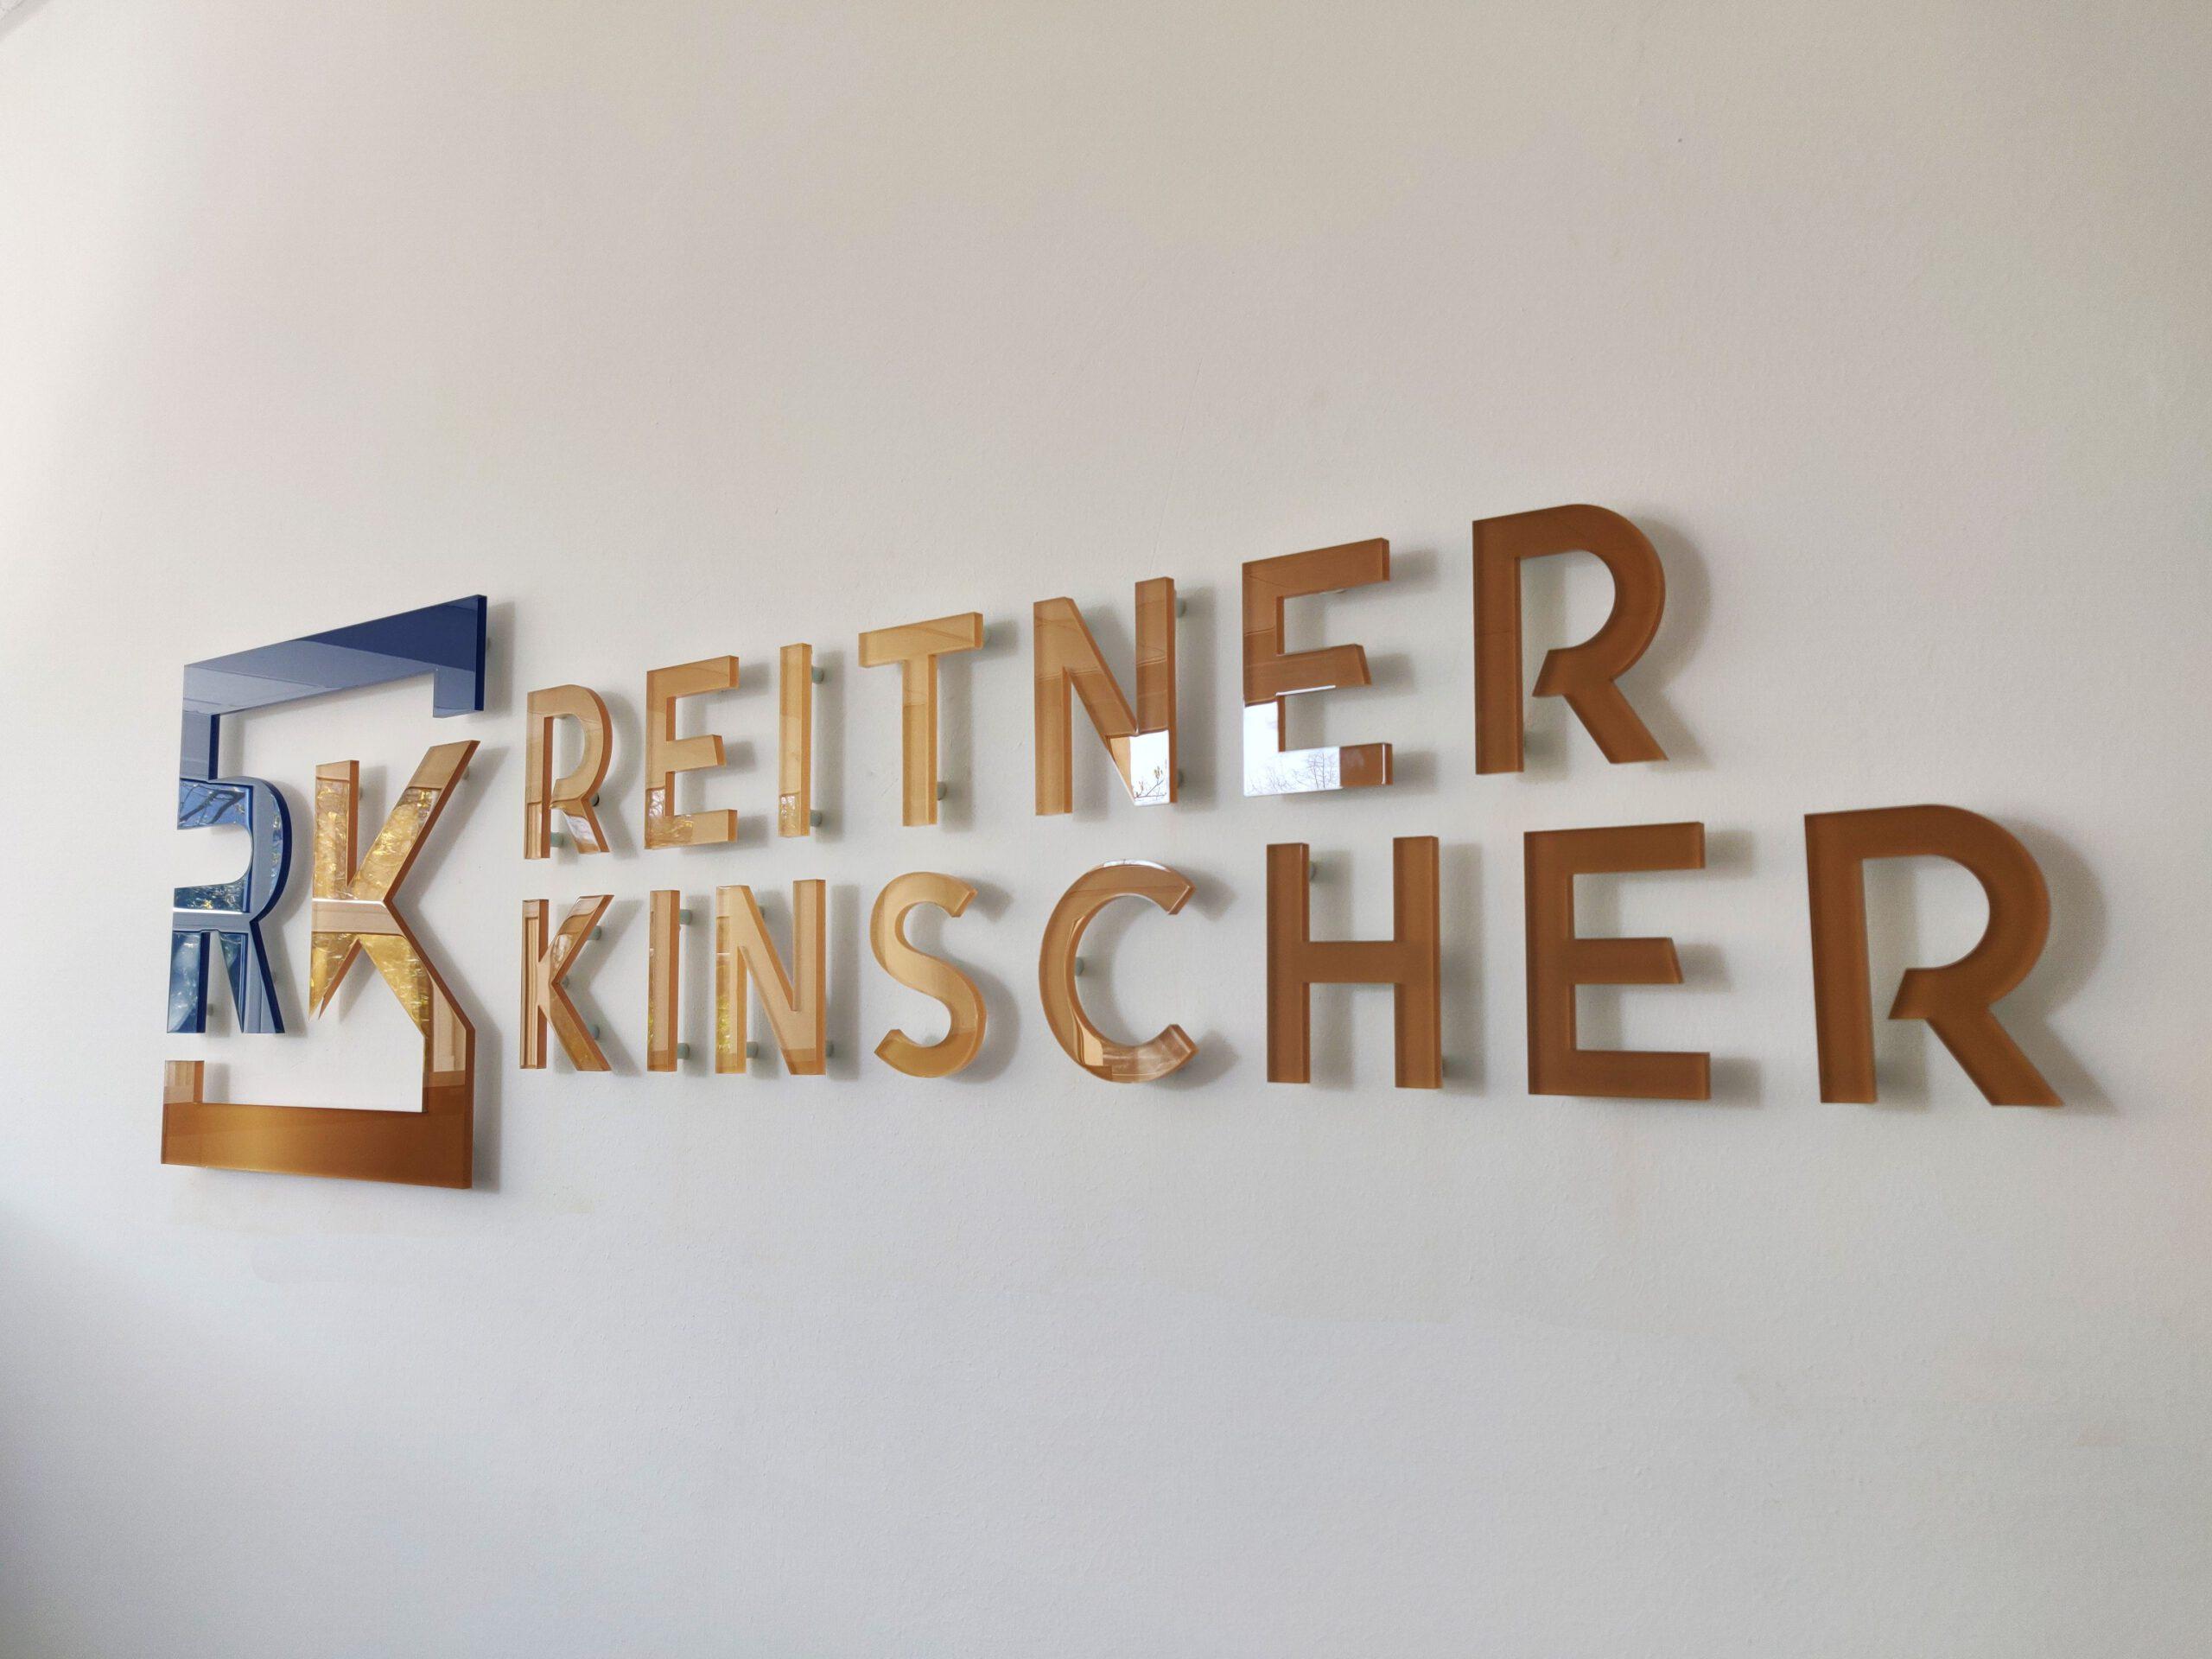 Logo Wand Eröffnung - REITNER KINSCHER Rechtsanwälte Fachanwälte Notar - Essen Kettwig